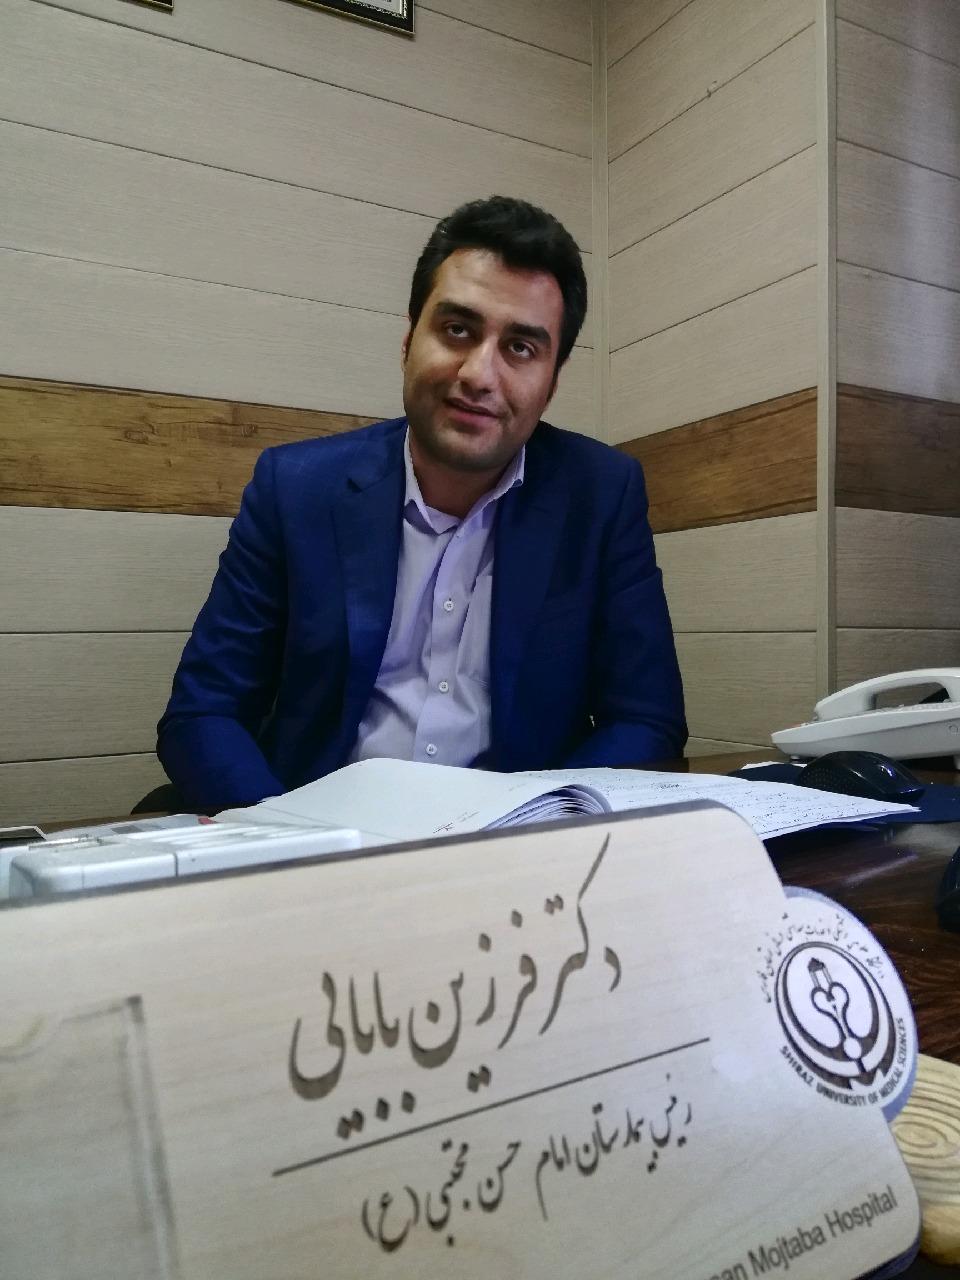 دکتر بابایی رئیس بیمارستان داراب: مرکز تشخیص زود هنگام سرطان در دهه فجر راه اندازی می شود/ امکان نوبت دهی اینترنتی درمانگاه تخصصی بیمارستان وجود دارد